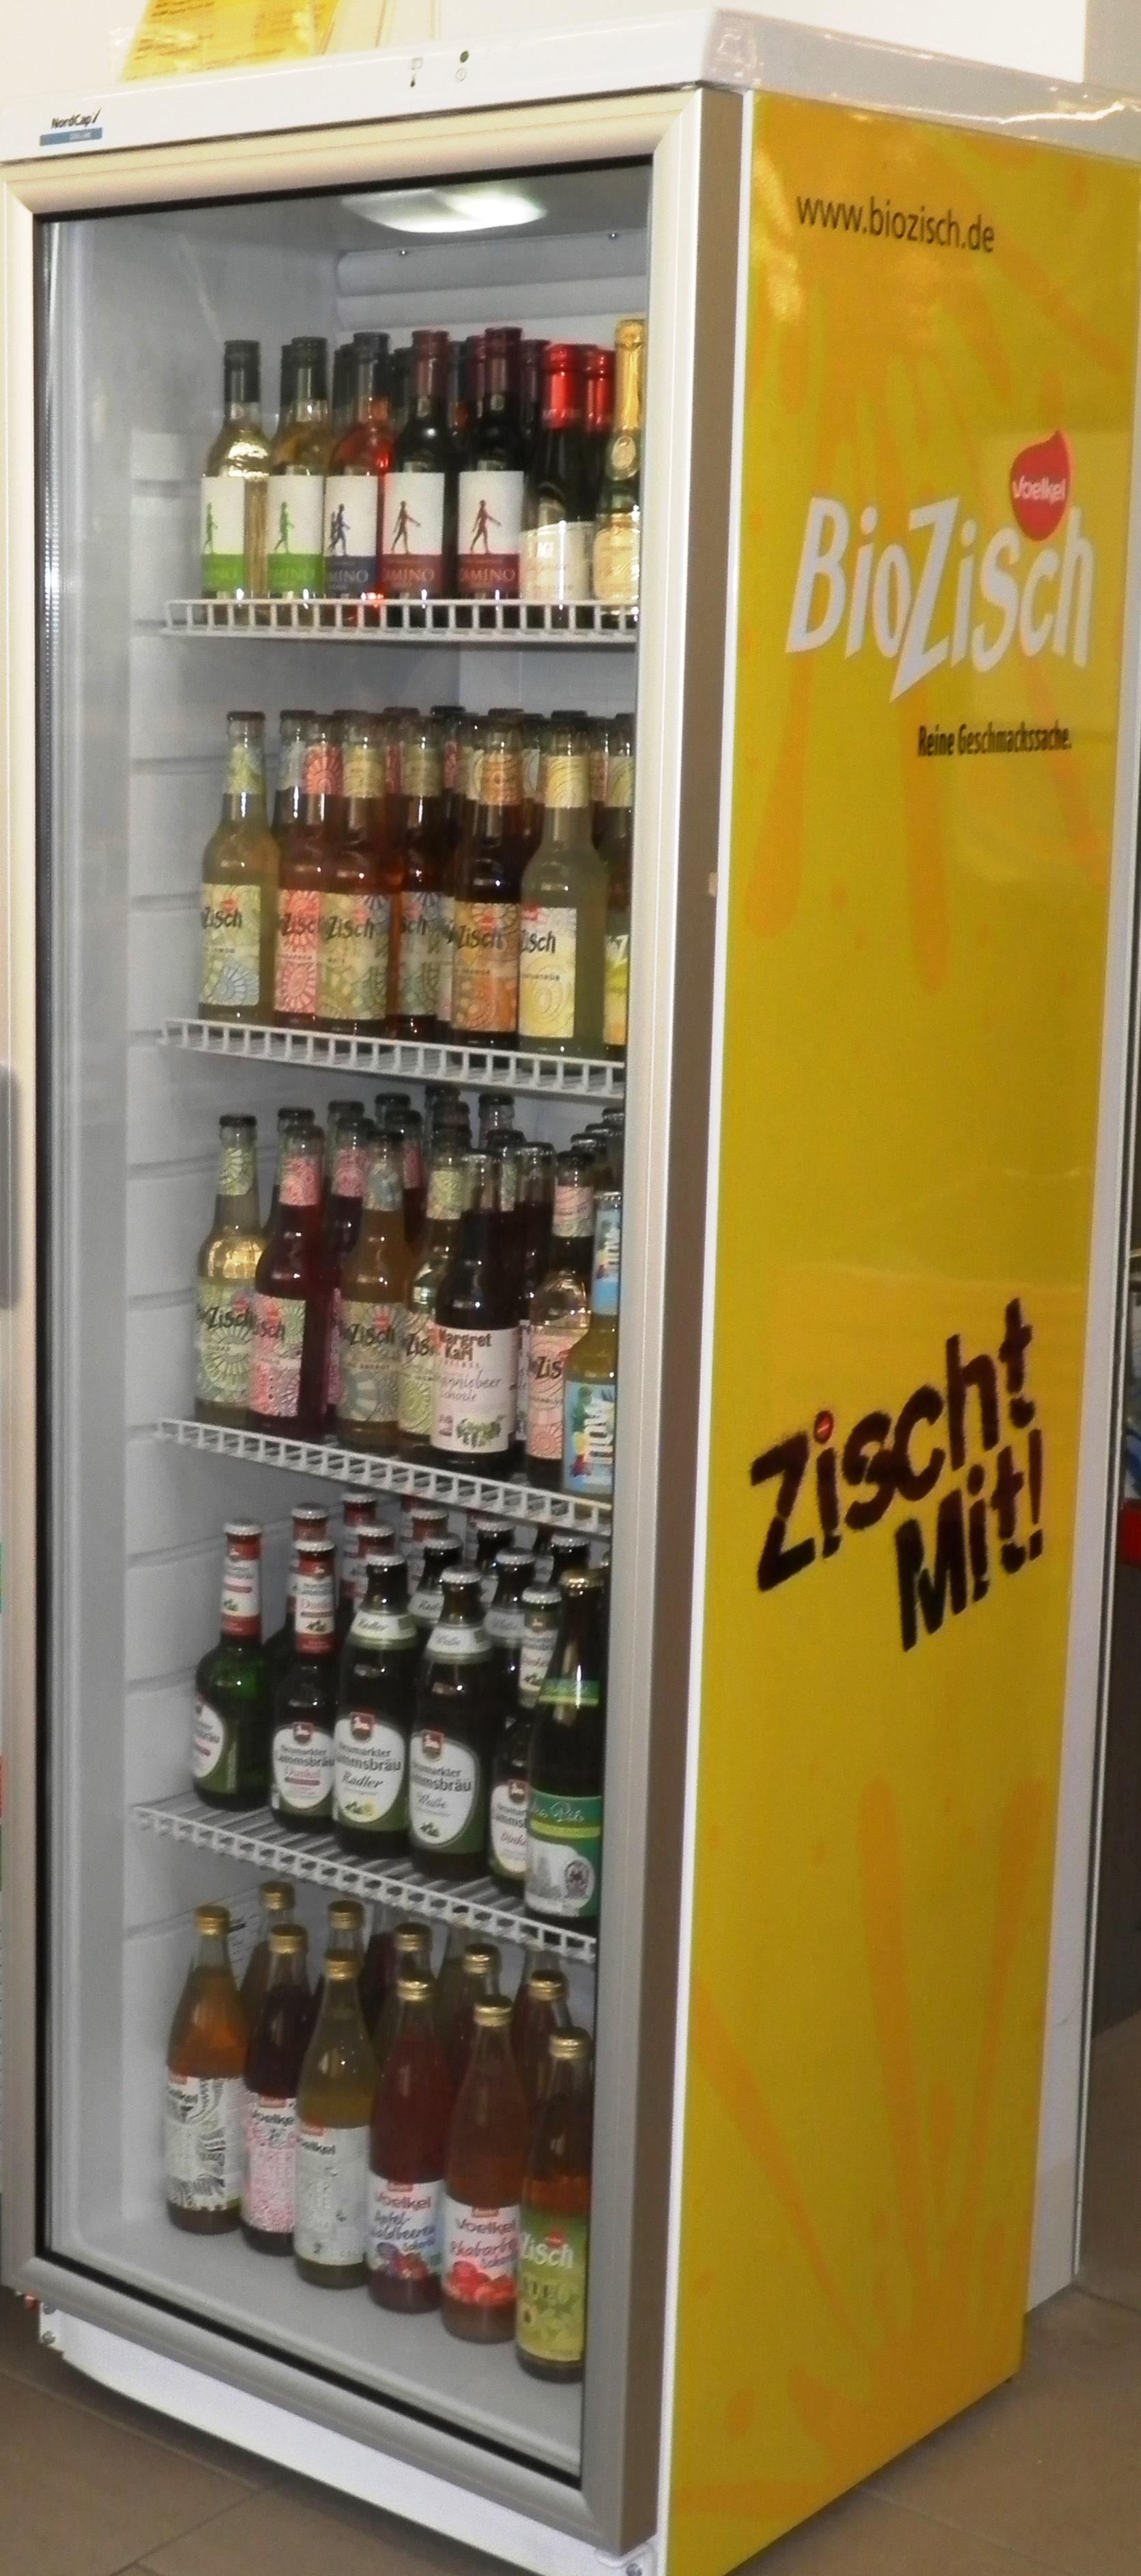 coole Getränke - Bio am Hafen - Naturkost und Naturwaren in Greifswald